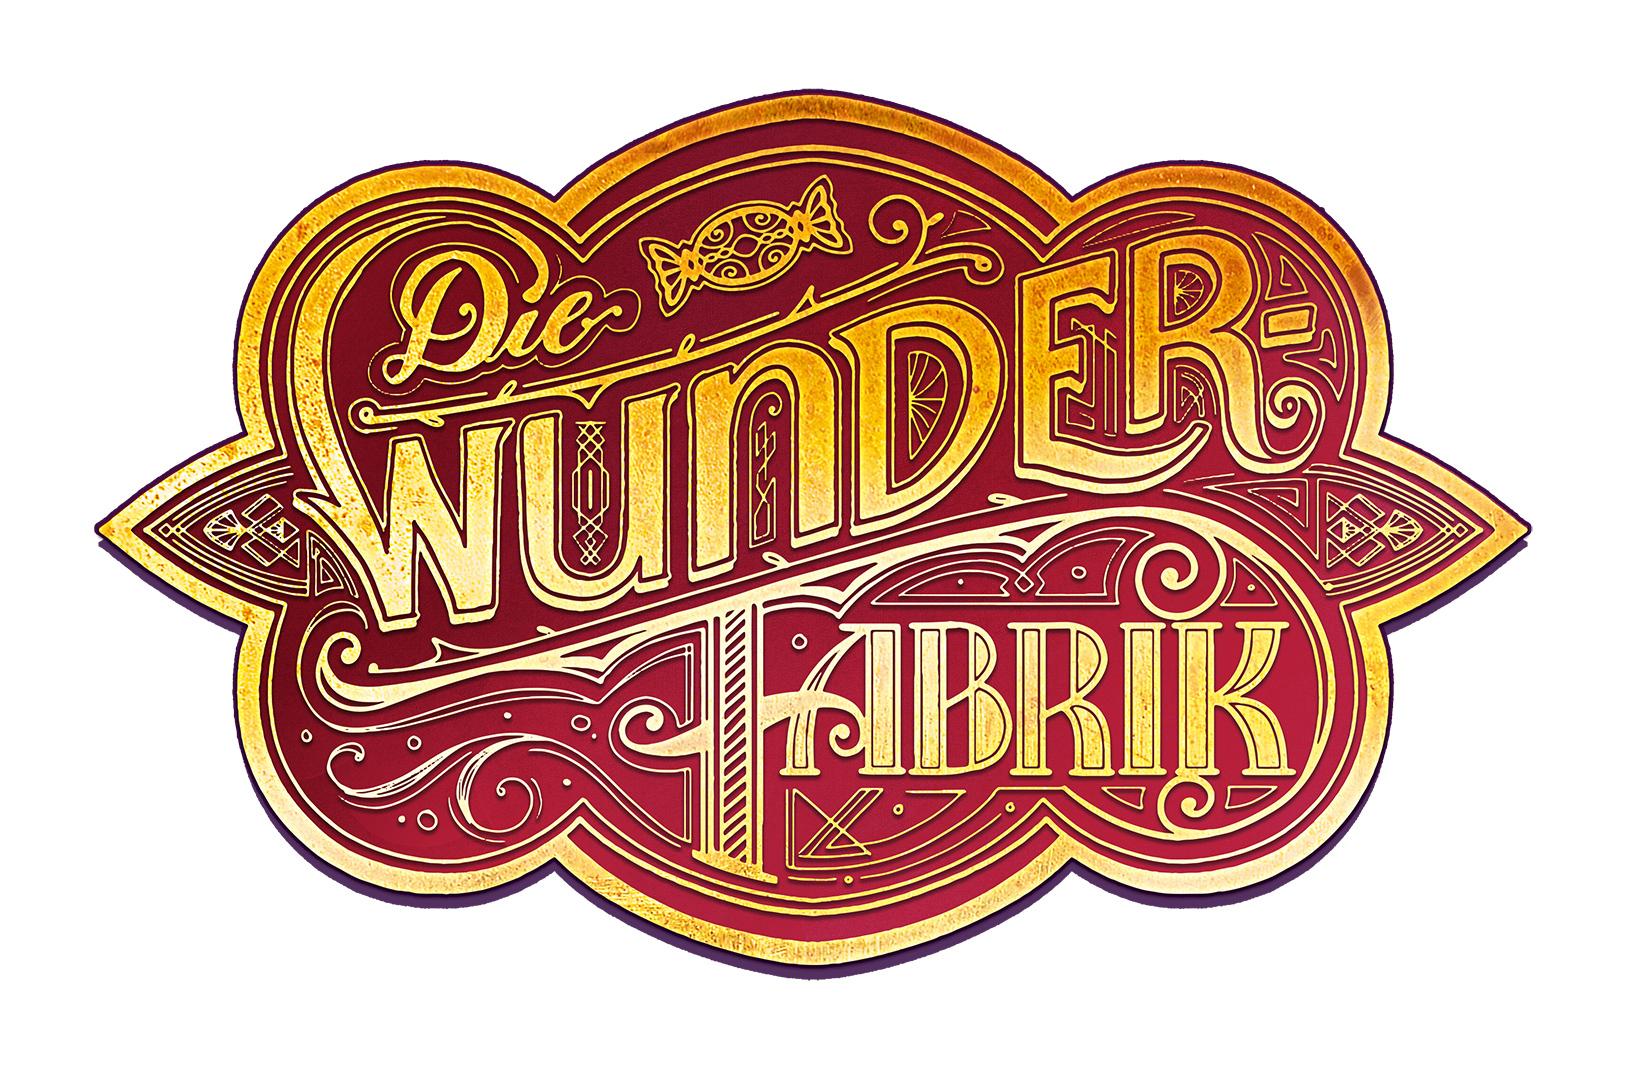 7373-4191-2_Gerstenberger_Wunderfabrik_Bd_2